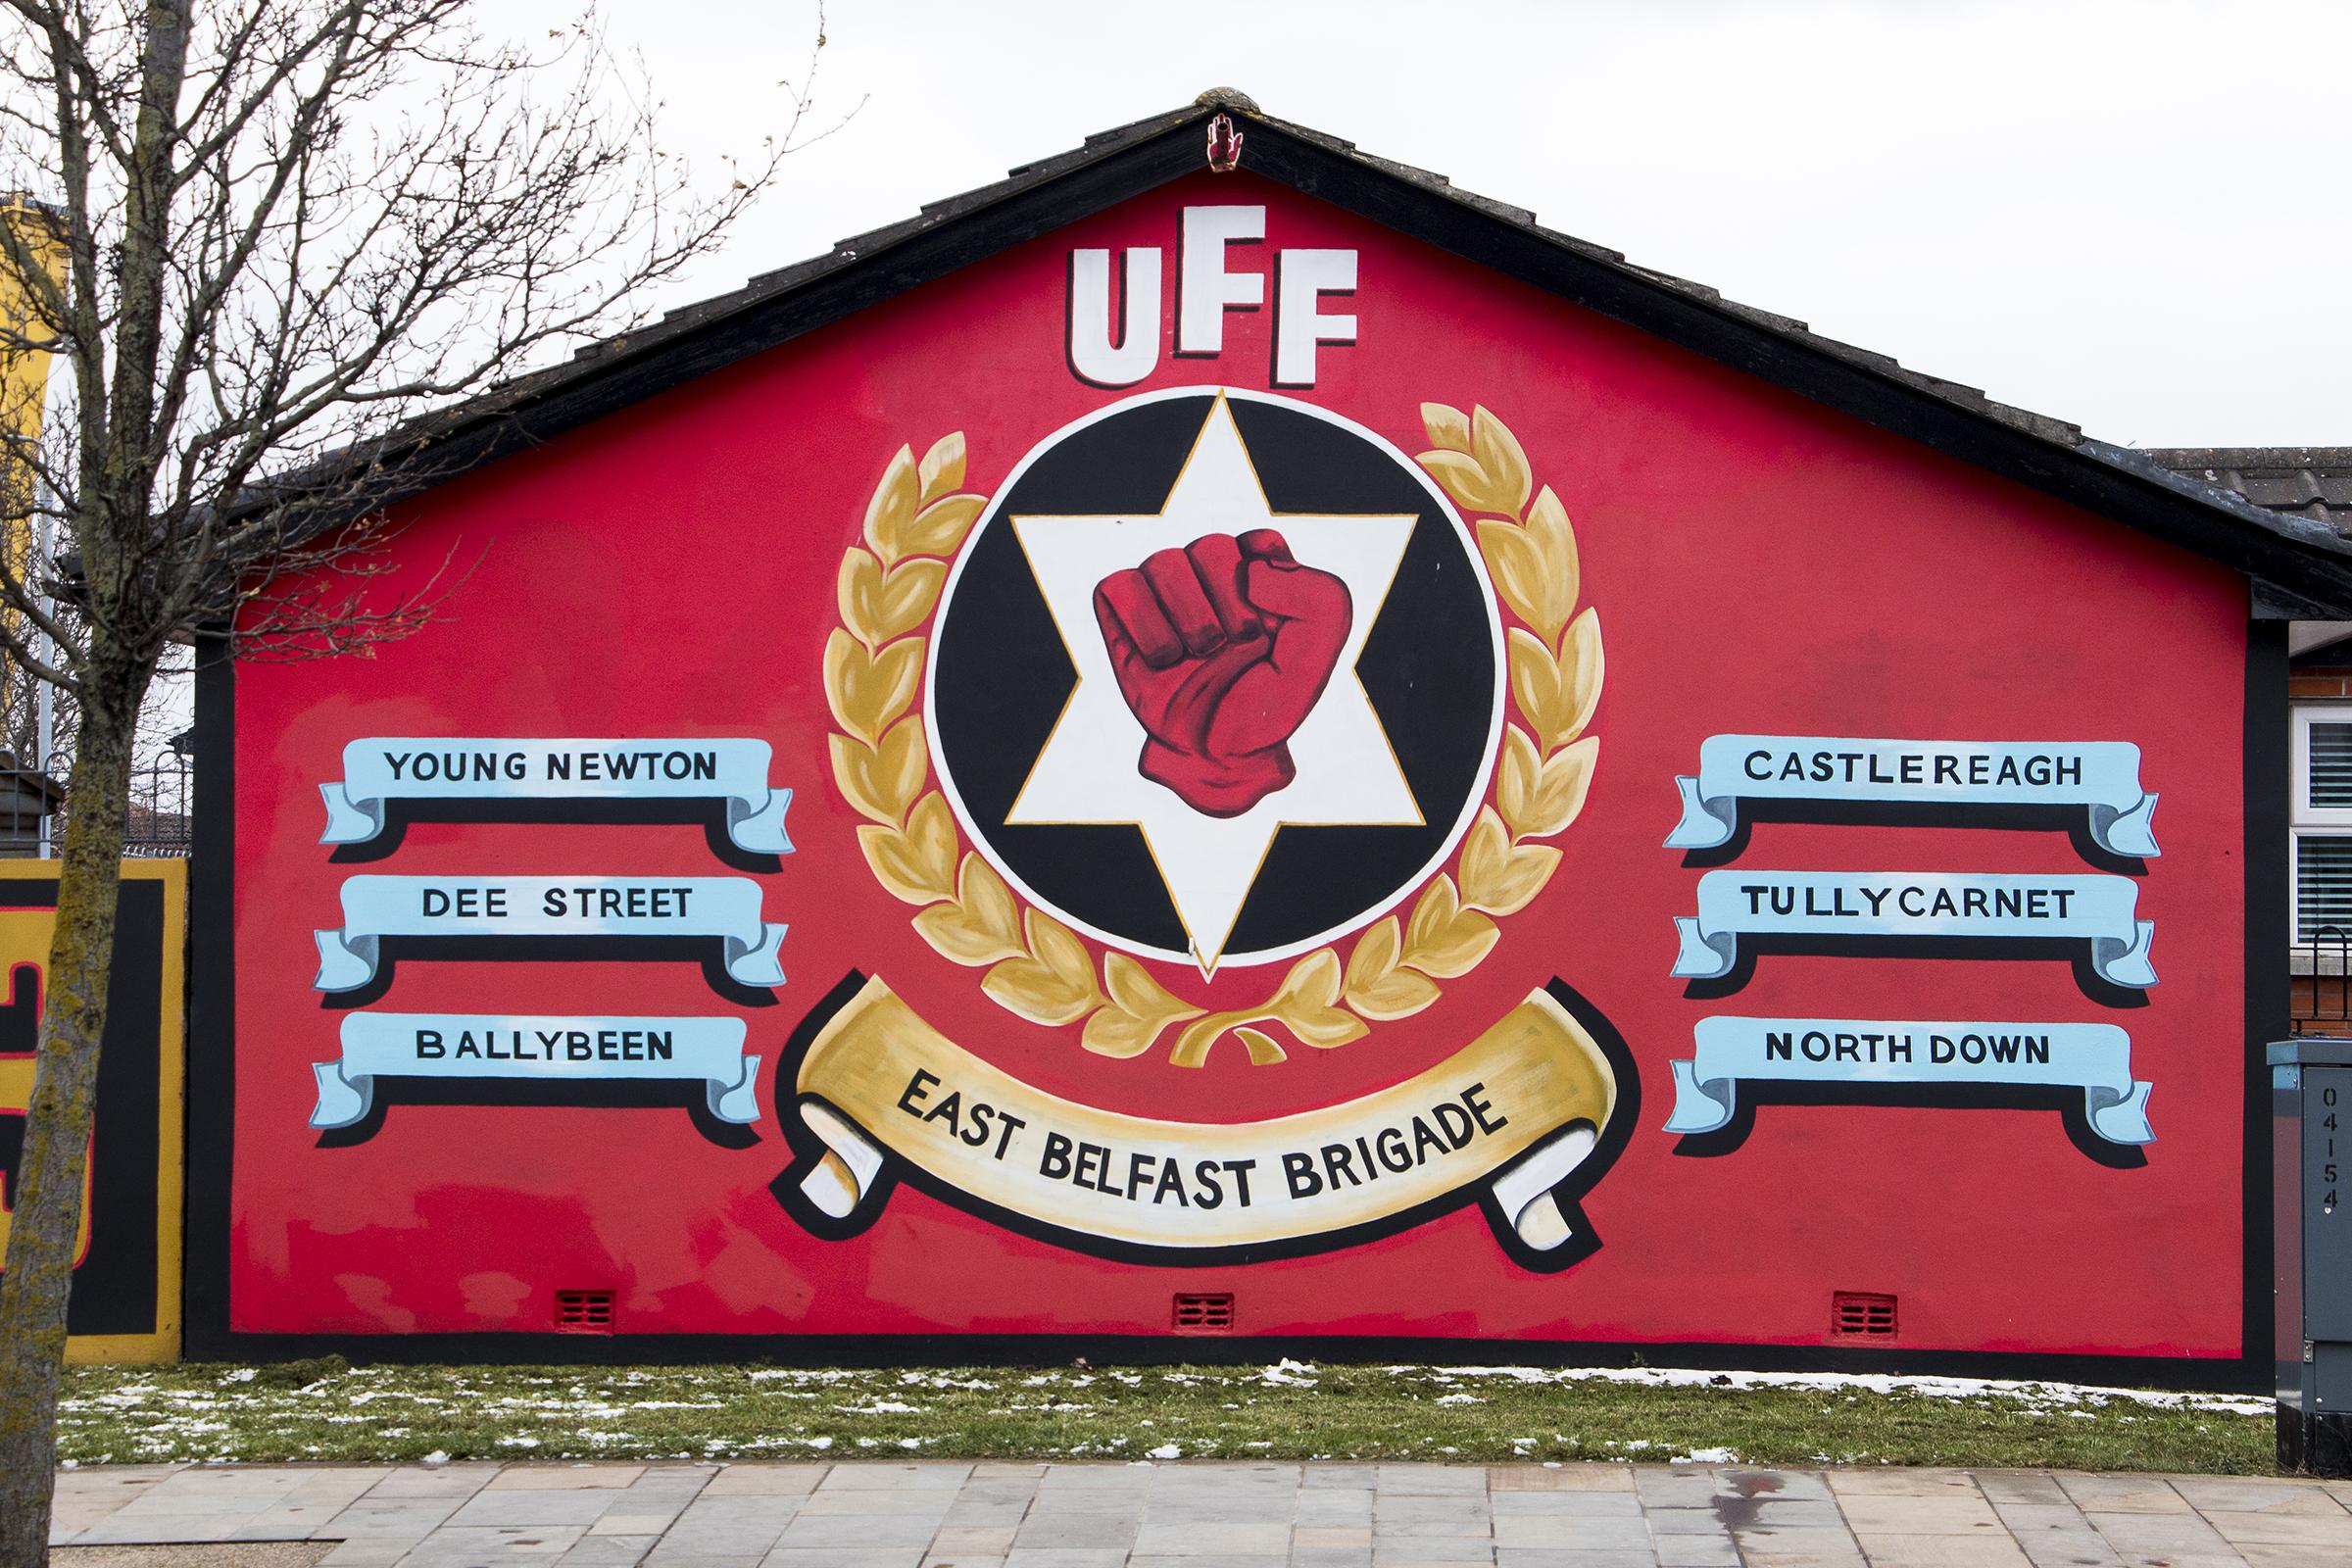 Konfliktivuosien puolisotilaallisia lojalistijengejä ylistetään peittelemättä. UFF eli Ulster Freedom Fighters oli UDA:n eli Ulster Defence Associationin yksi osa.